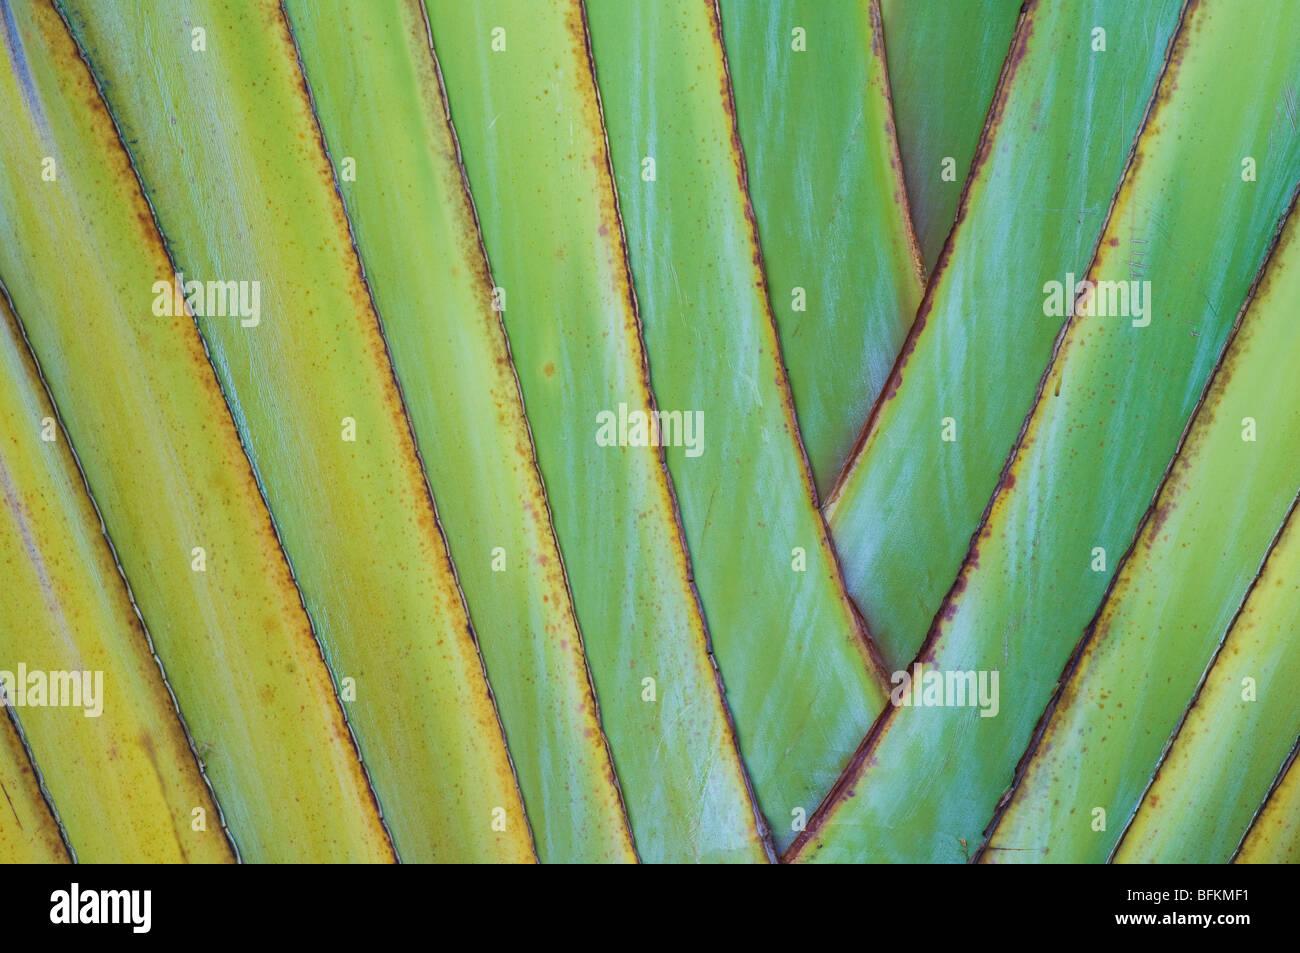 Traveler's Palm; Wailea, Maui, Hawaii. - Stock Image